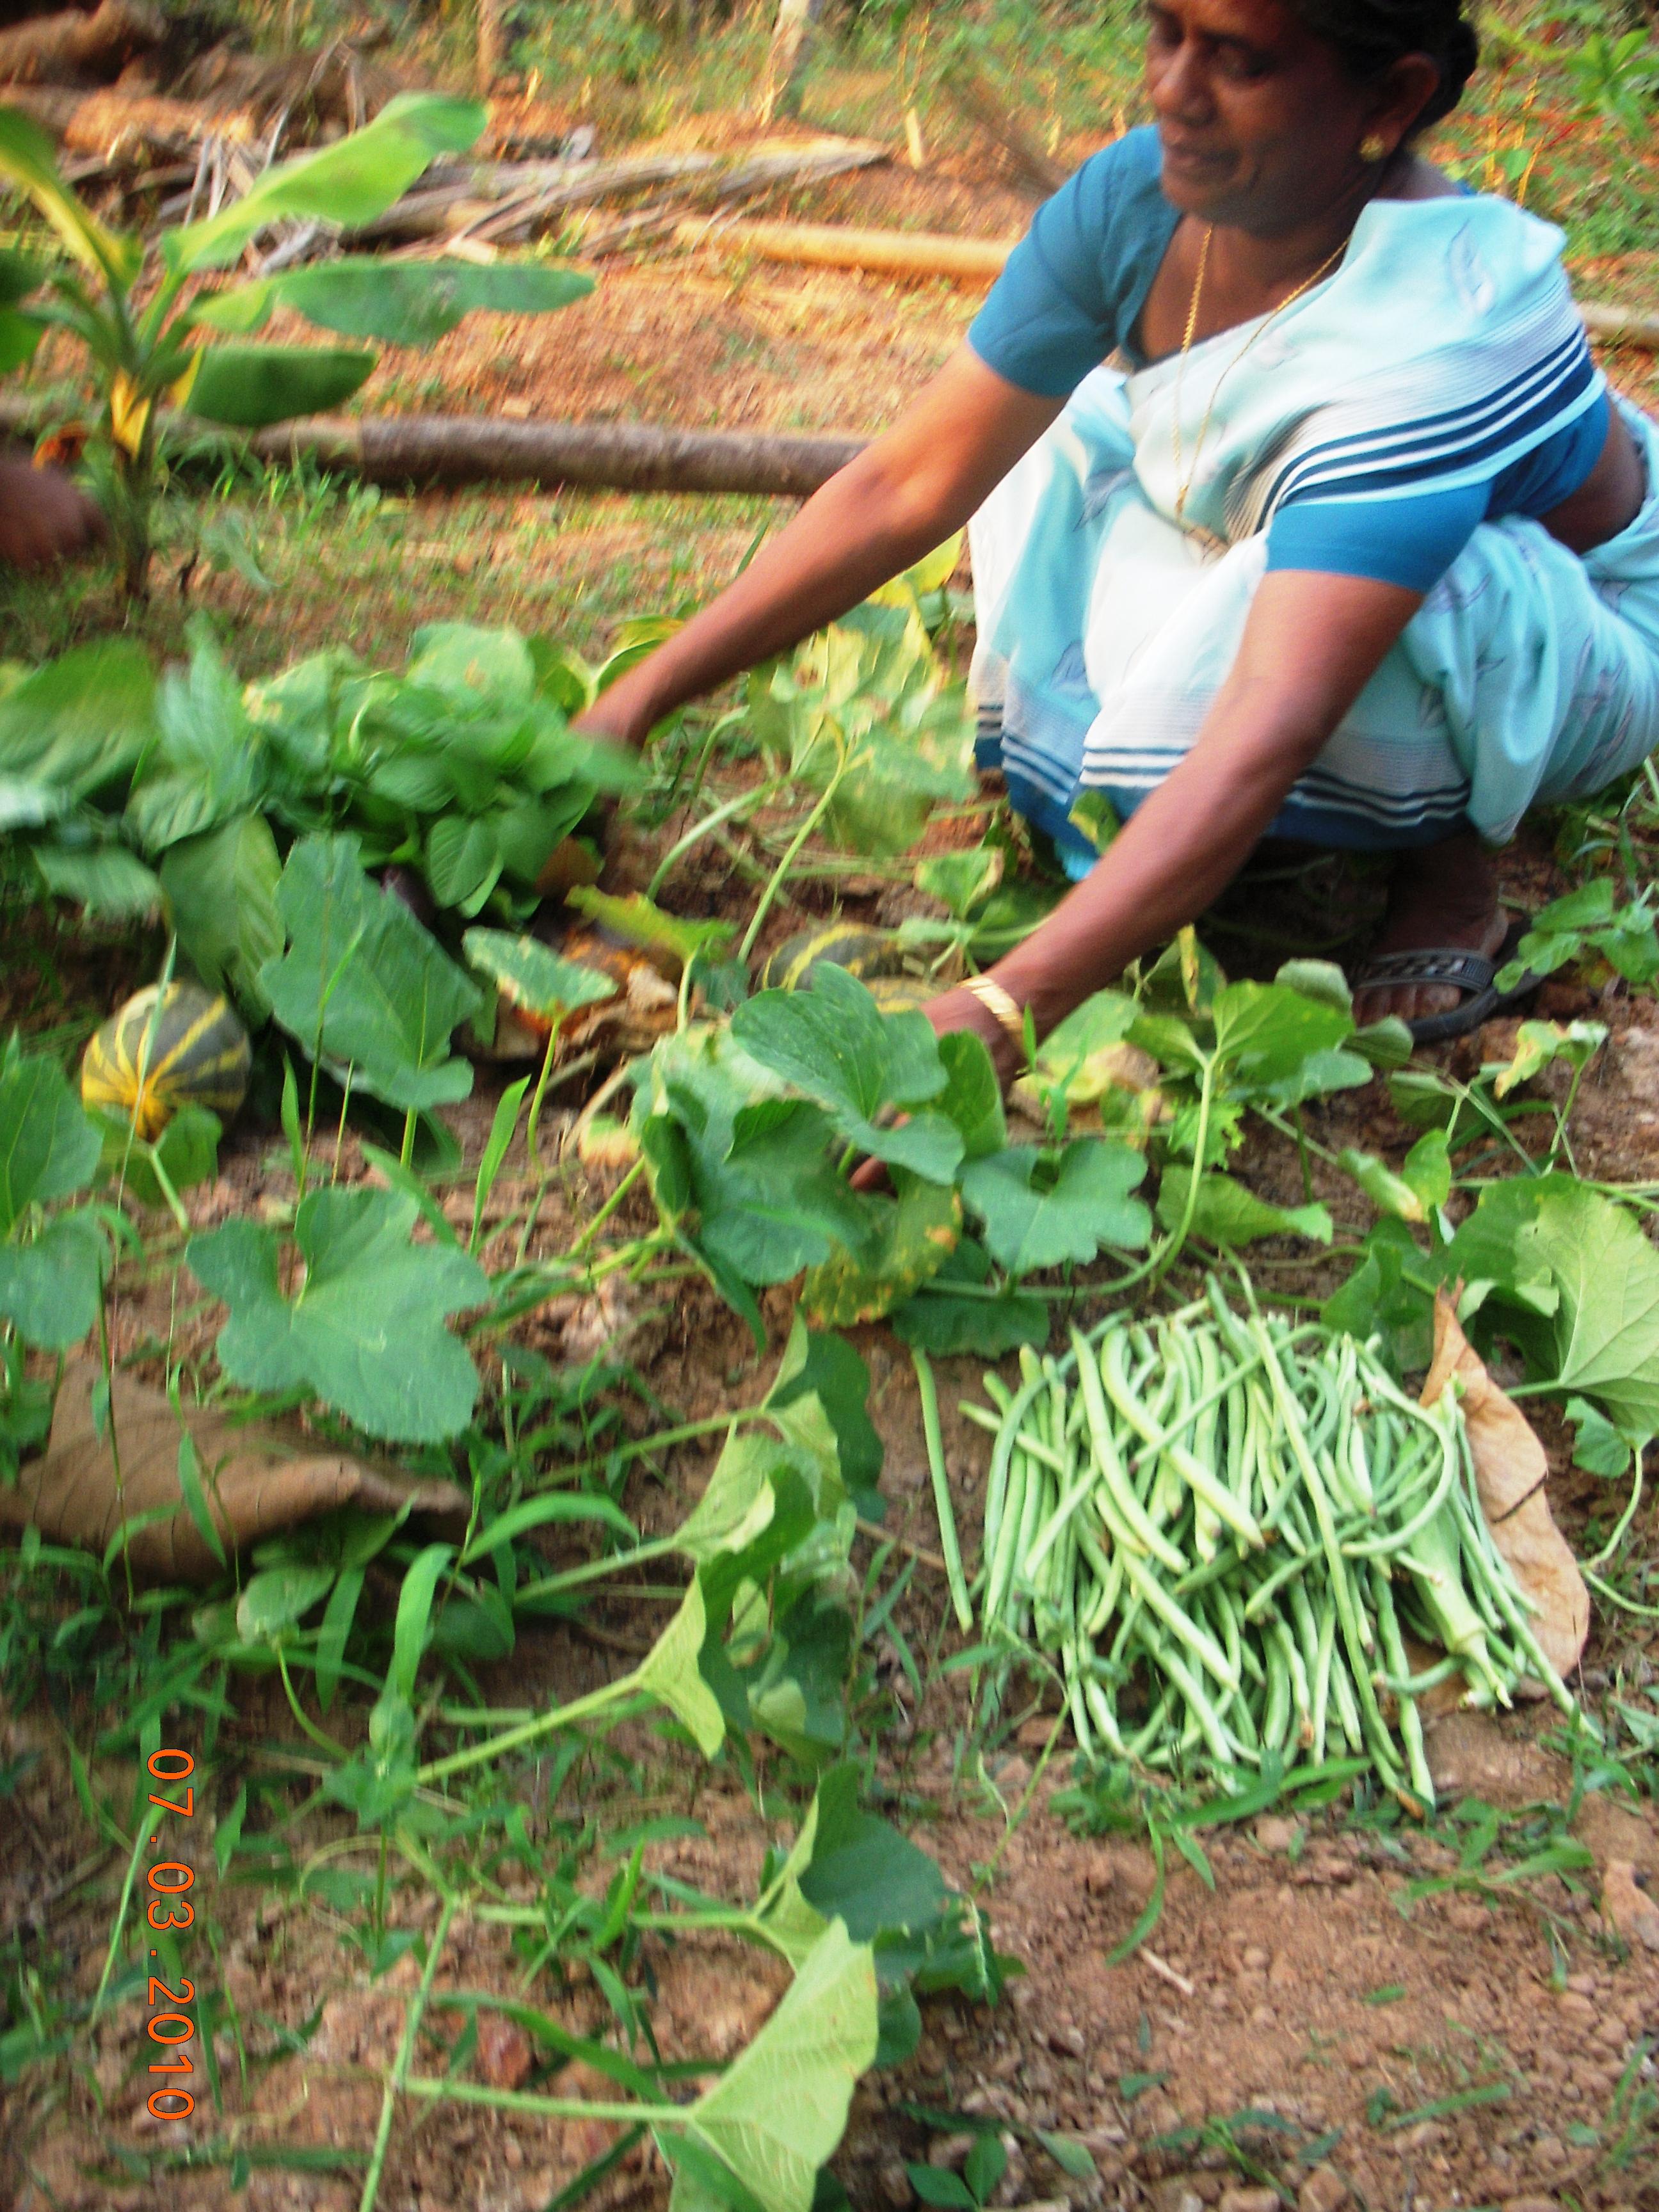 KItchen Garden Vegetable Cultivation